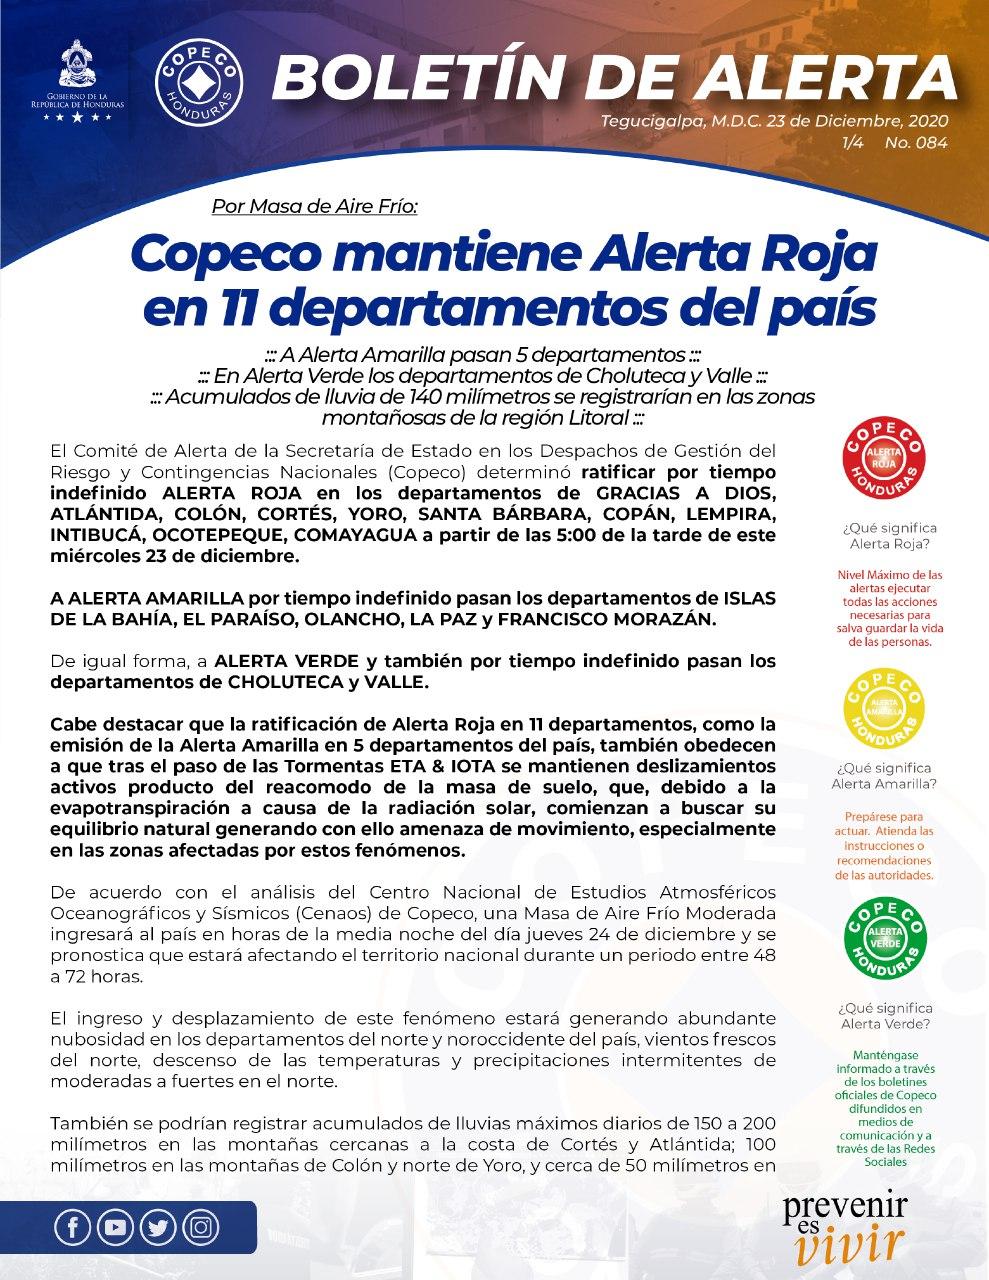 Por Masa Aire Frío:  #AlertaRoja por tiempo indefinido para los departamentos de: GRACIAS A DIOS, ATLÁNTIDA, COLÓN, CORTÉS, YORO, SANTA BÁRBARA, COPÁN, LEMPIRA, INTIBUCÁ, OCOTEPEQUE, COMAYAGUA a partir de las 5:00 de la tarde de este miércoles 23 de diciembre.